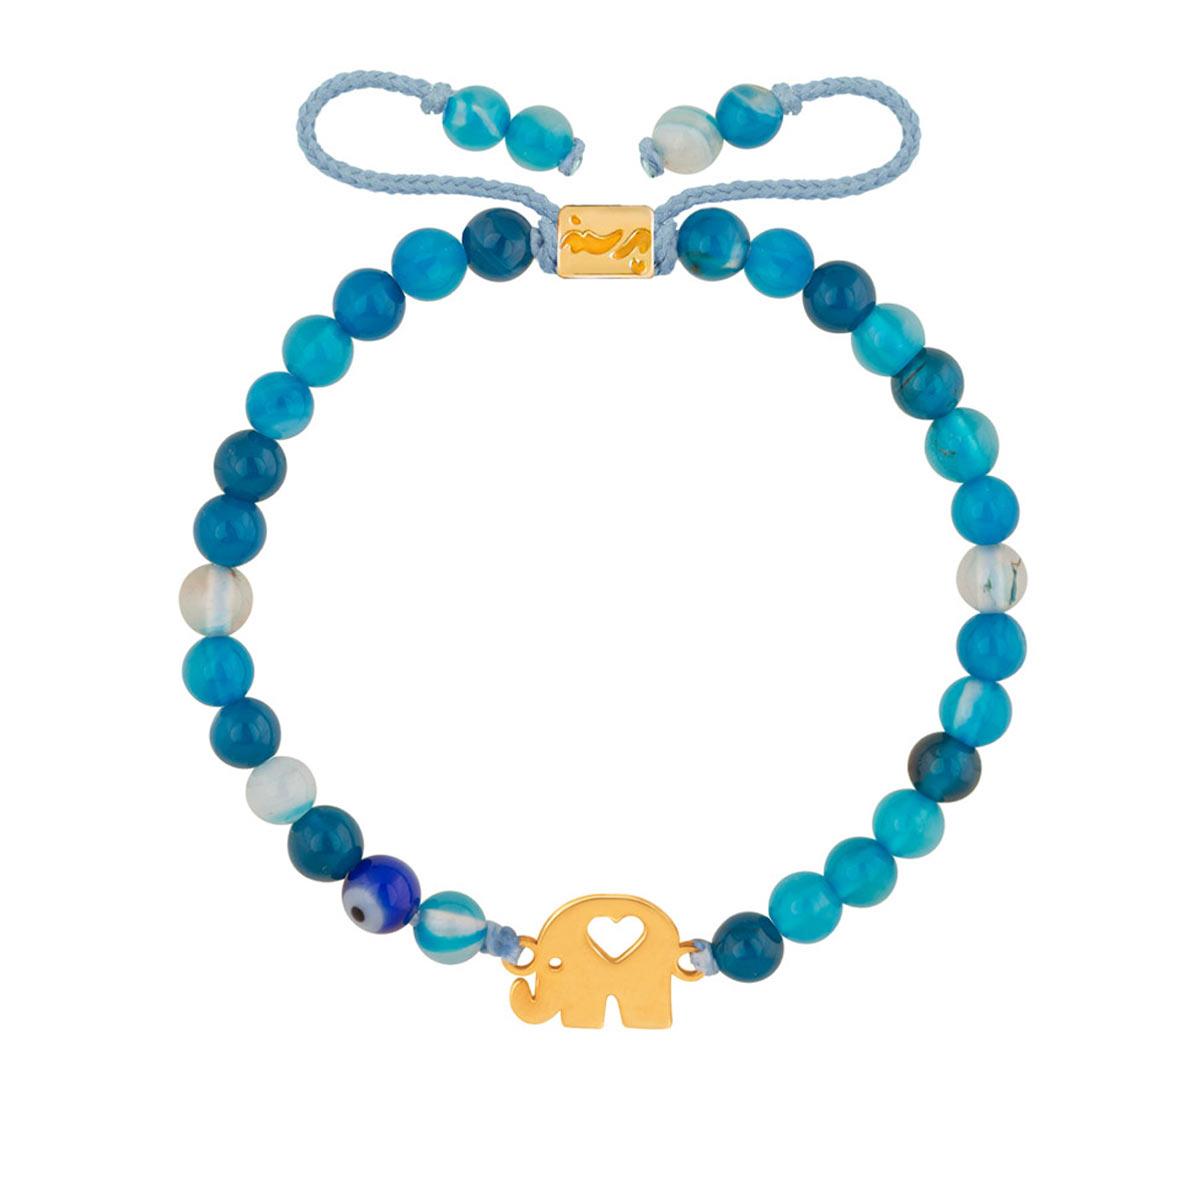 دستبند طلا بچه گانه سنگی فیل کوچک و قلب